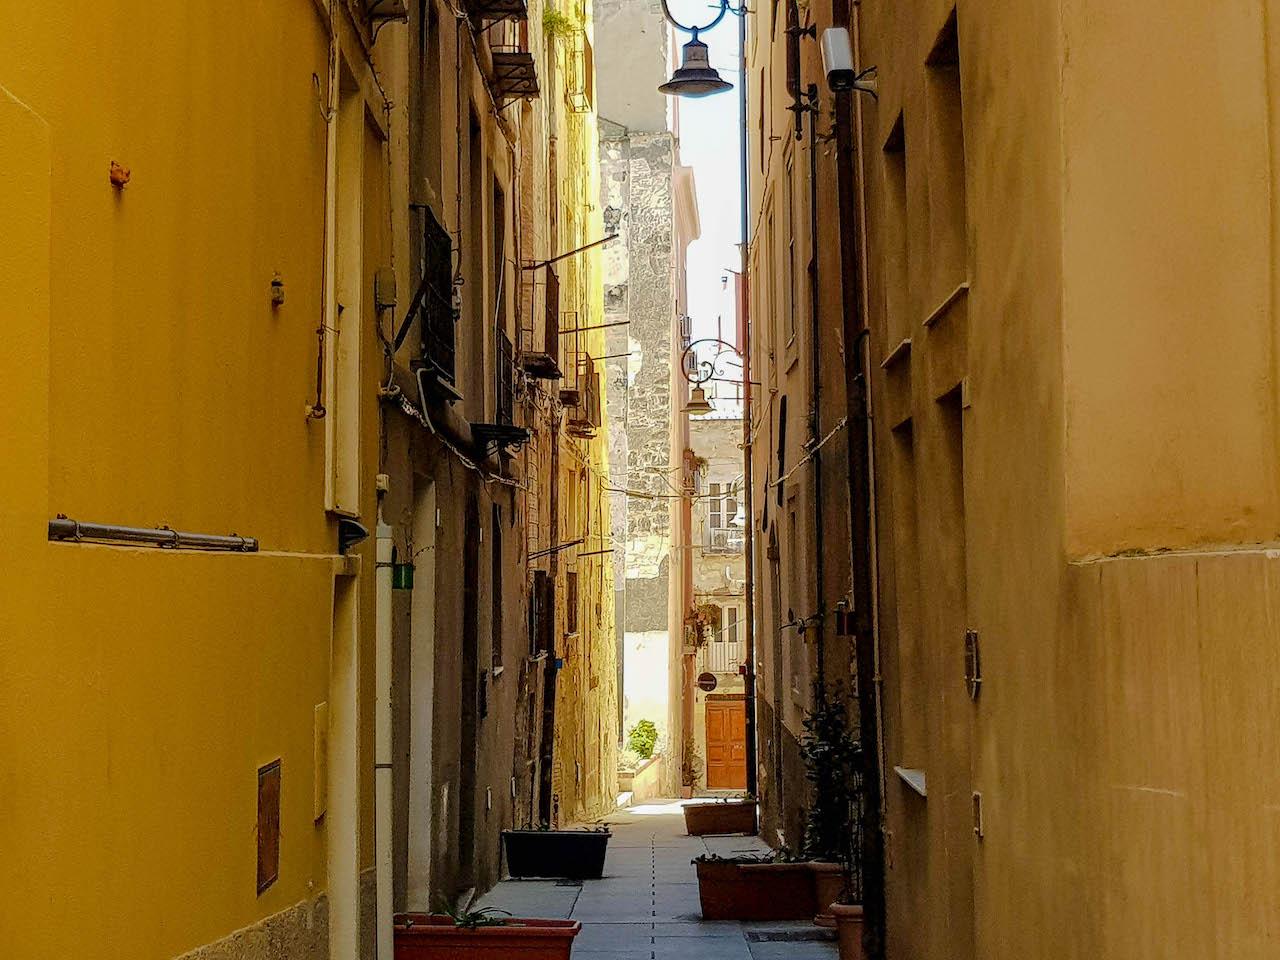 Wundervolle Gassen in Sardiniens Hauptstadt.